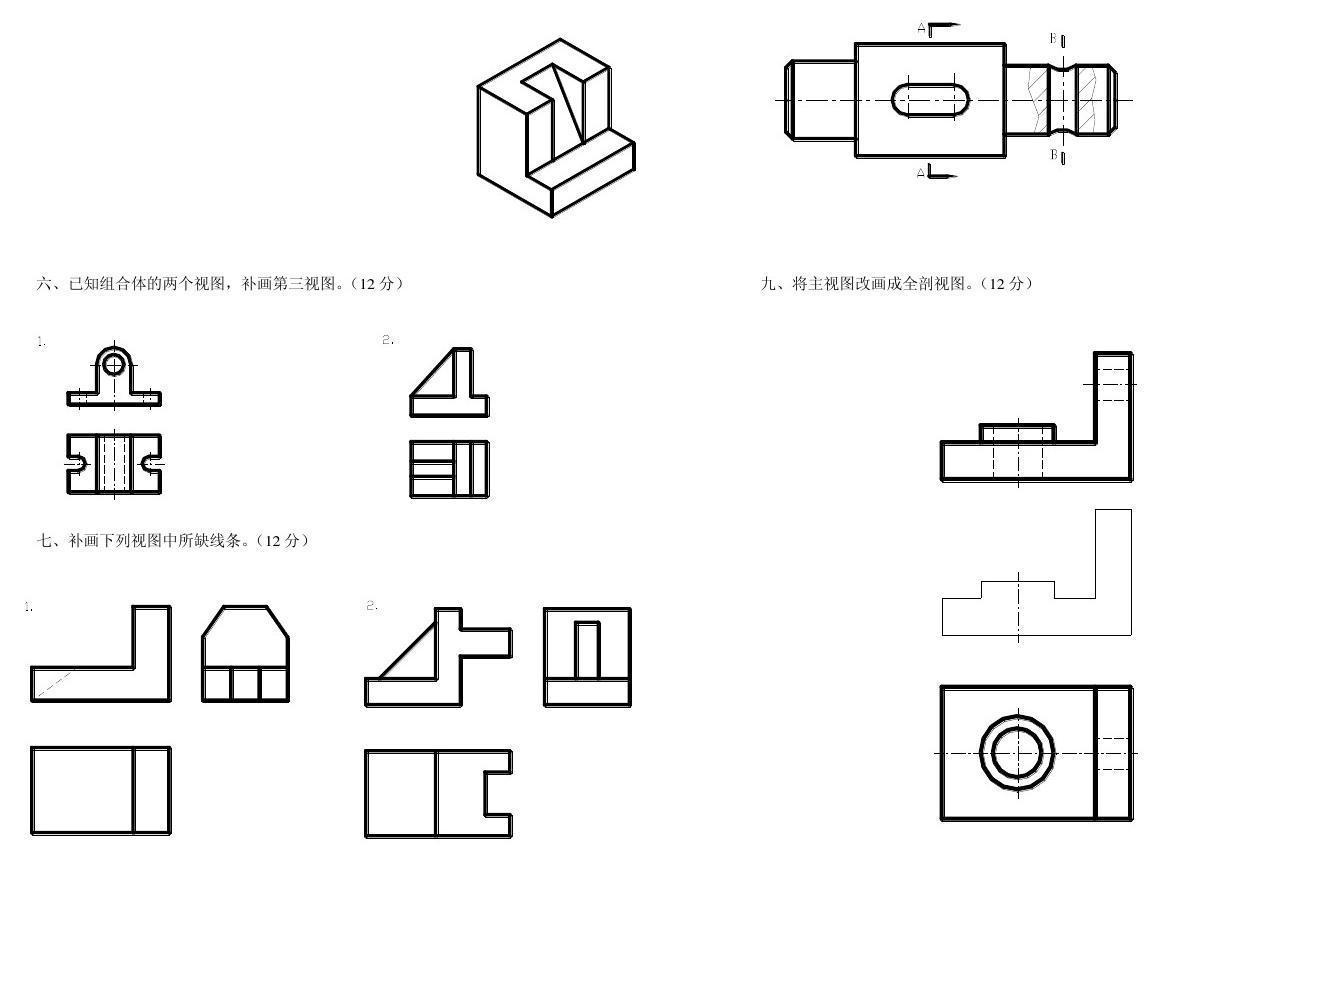 《机械制图》试卷 10 (1)答案图片